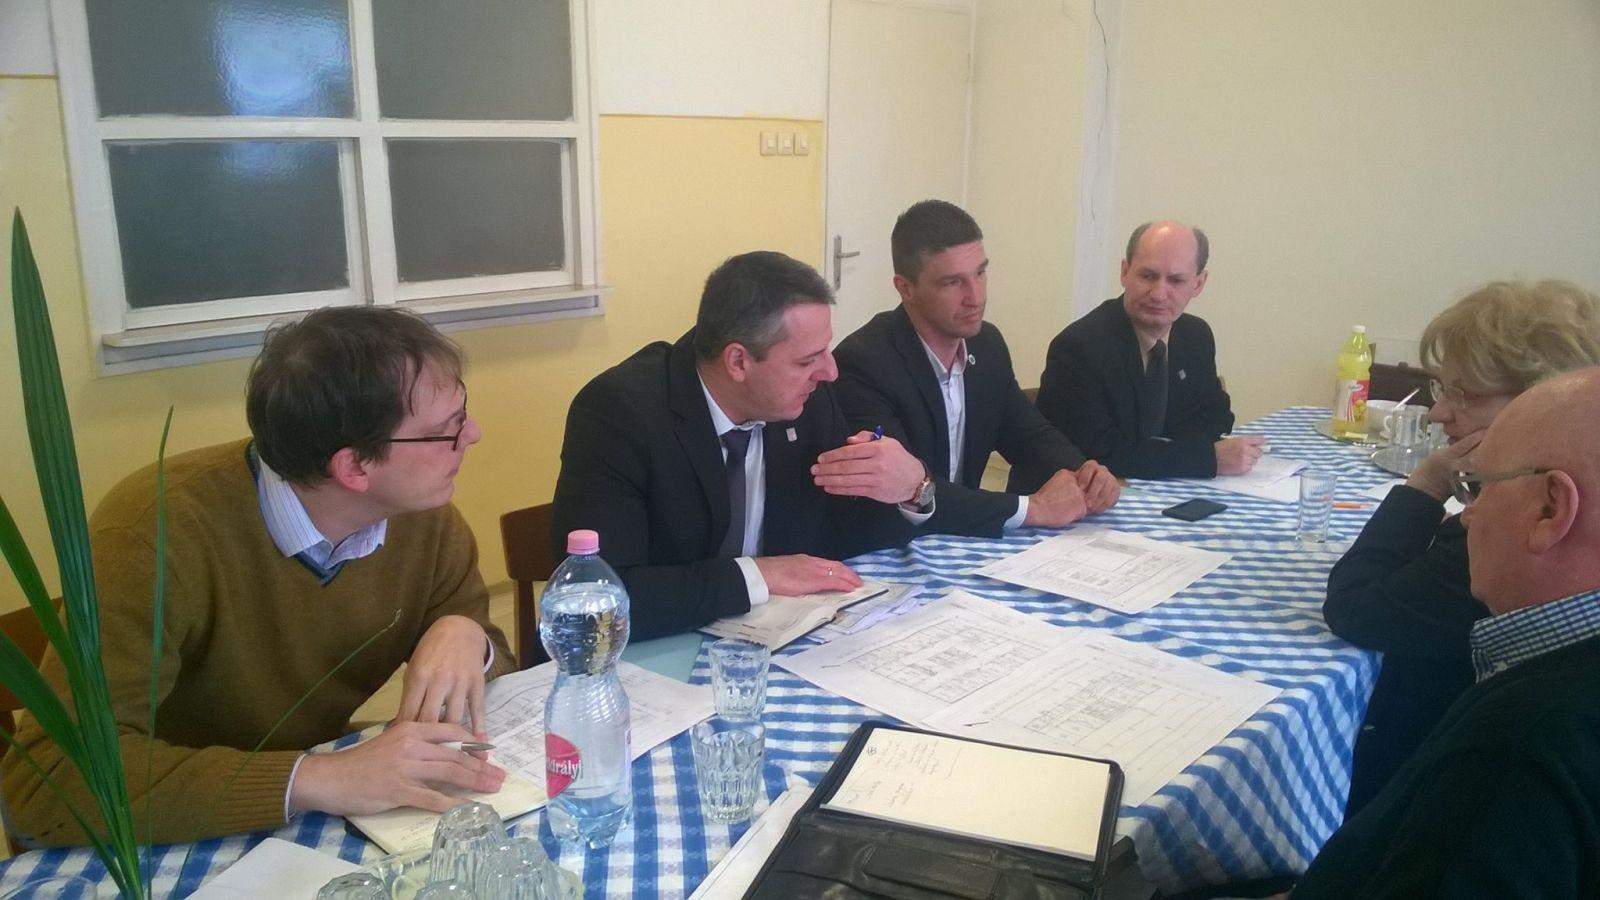 Folyamatosan zajlik az egyeztetés a Monori Szakorvosi Rendelőintézet felújításáról